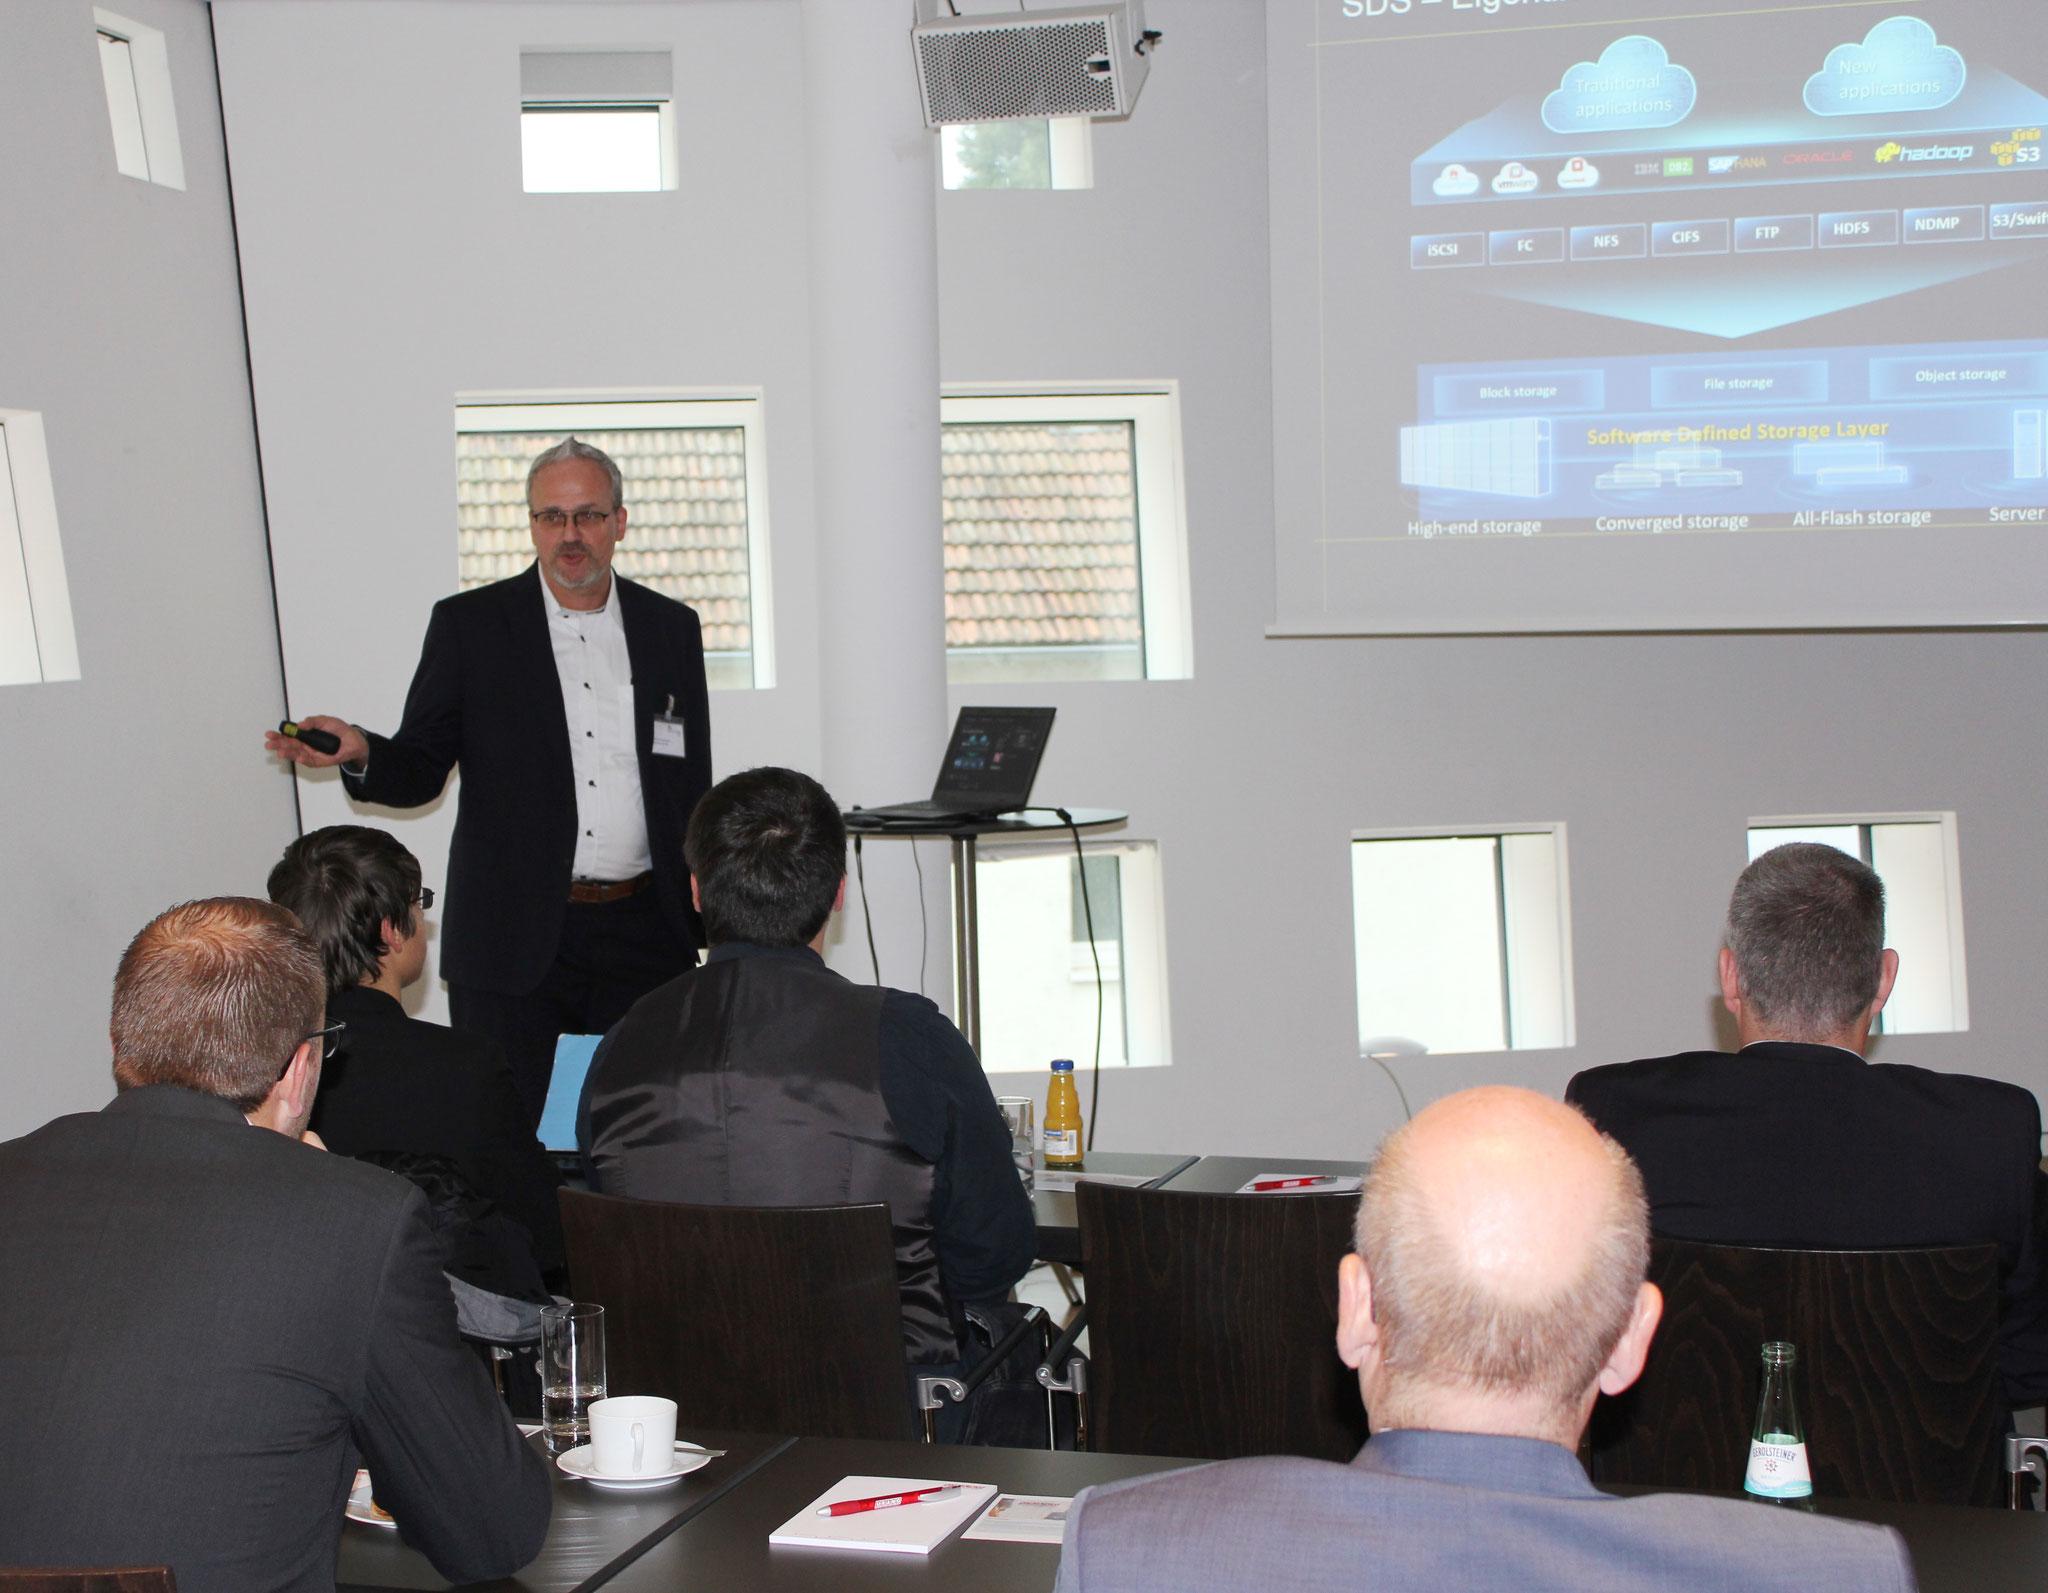 Markus Rosenberger von der Acondistec GmbH übernahm den Teil des Herstellers HUAWEI